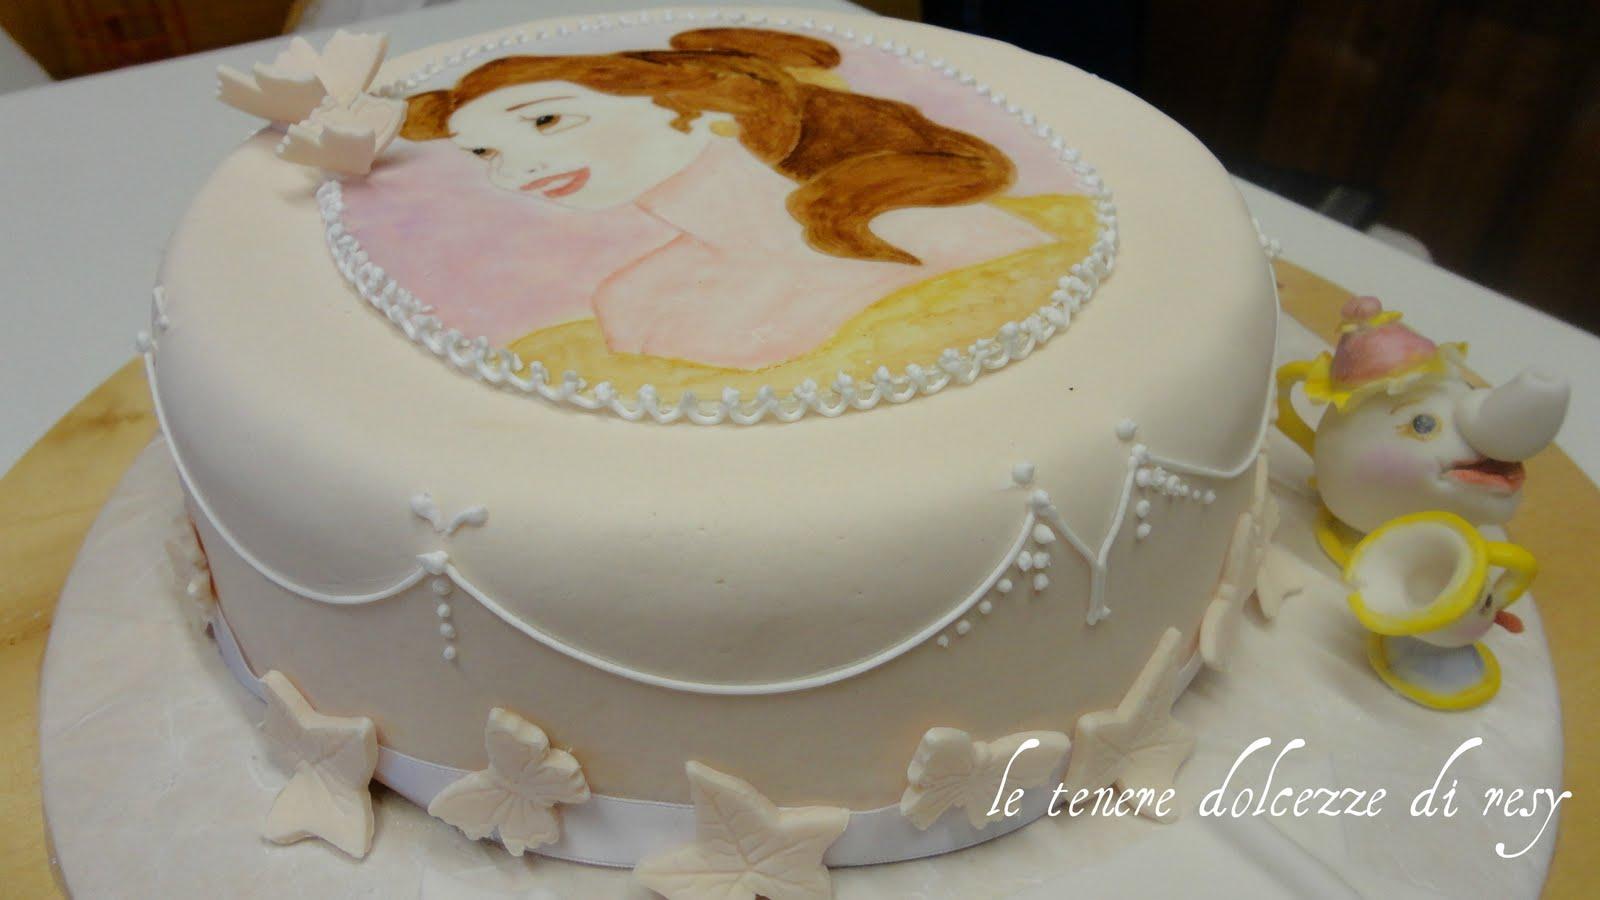 Le tenere dolcezze di resy belle cake per alessia for Decorazioni torte 2d